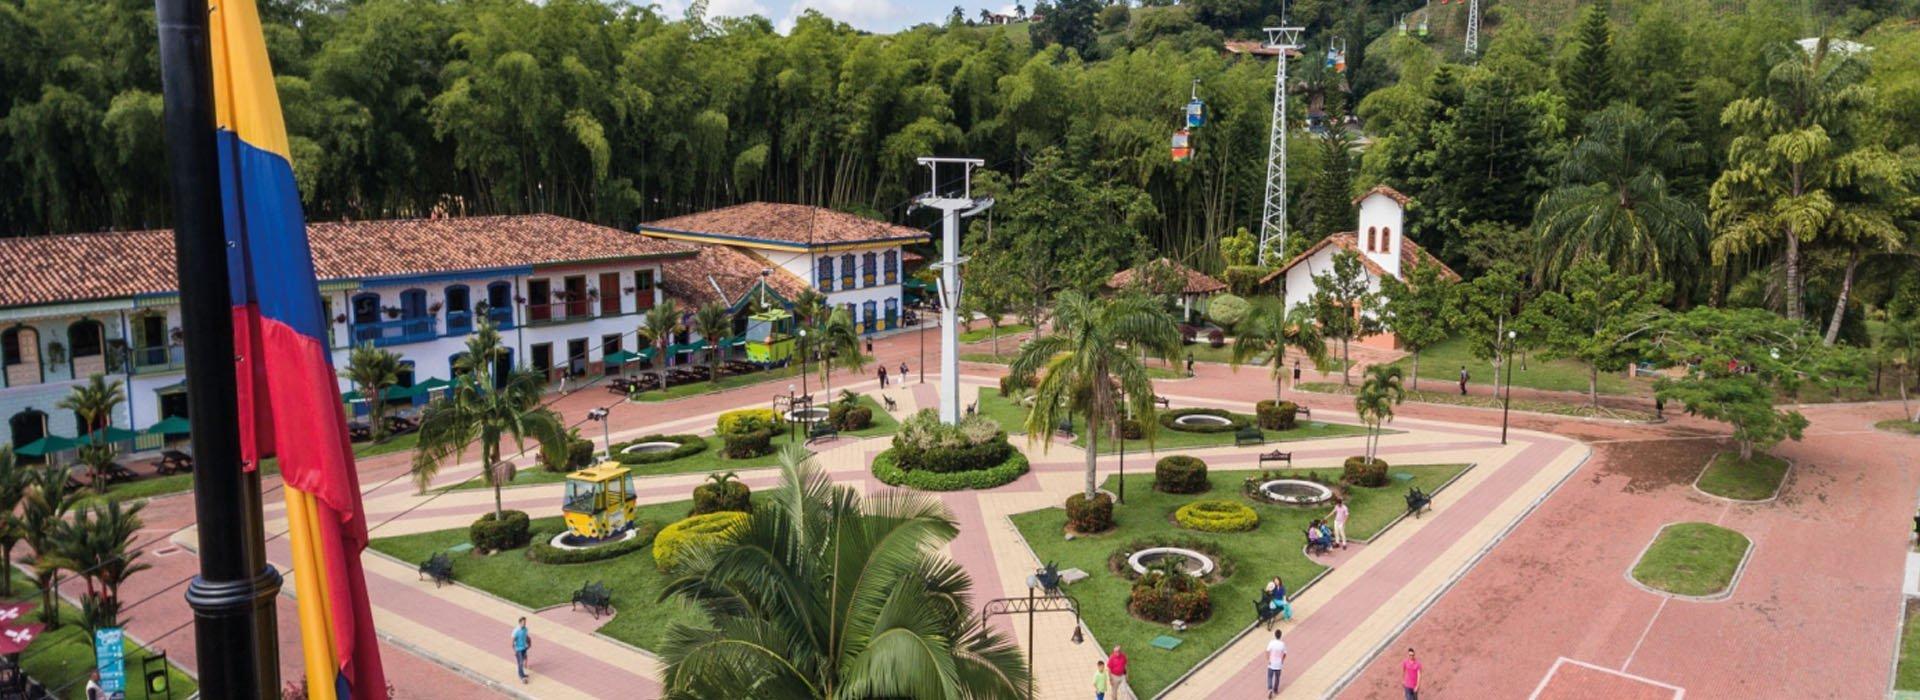 Plaza de Bolivar - Parque del Café